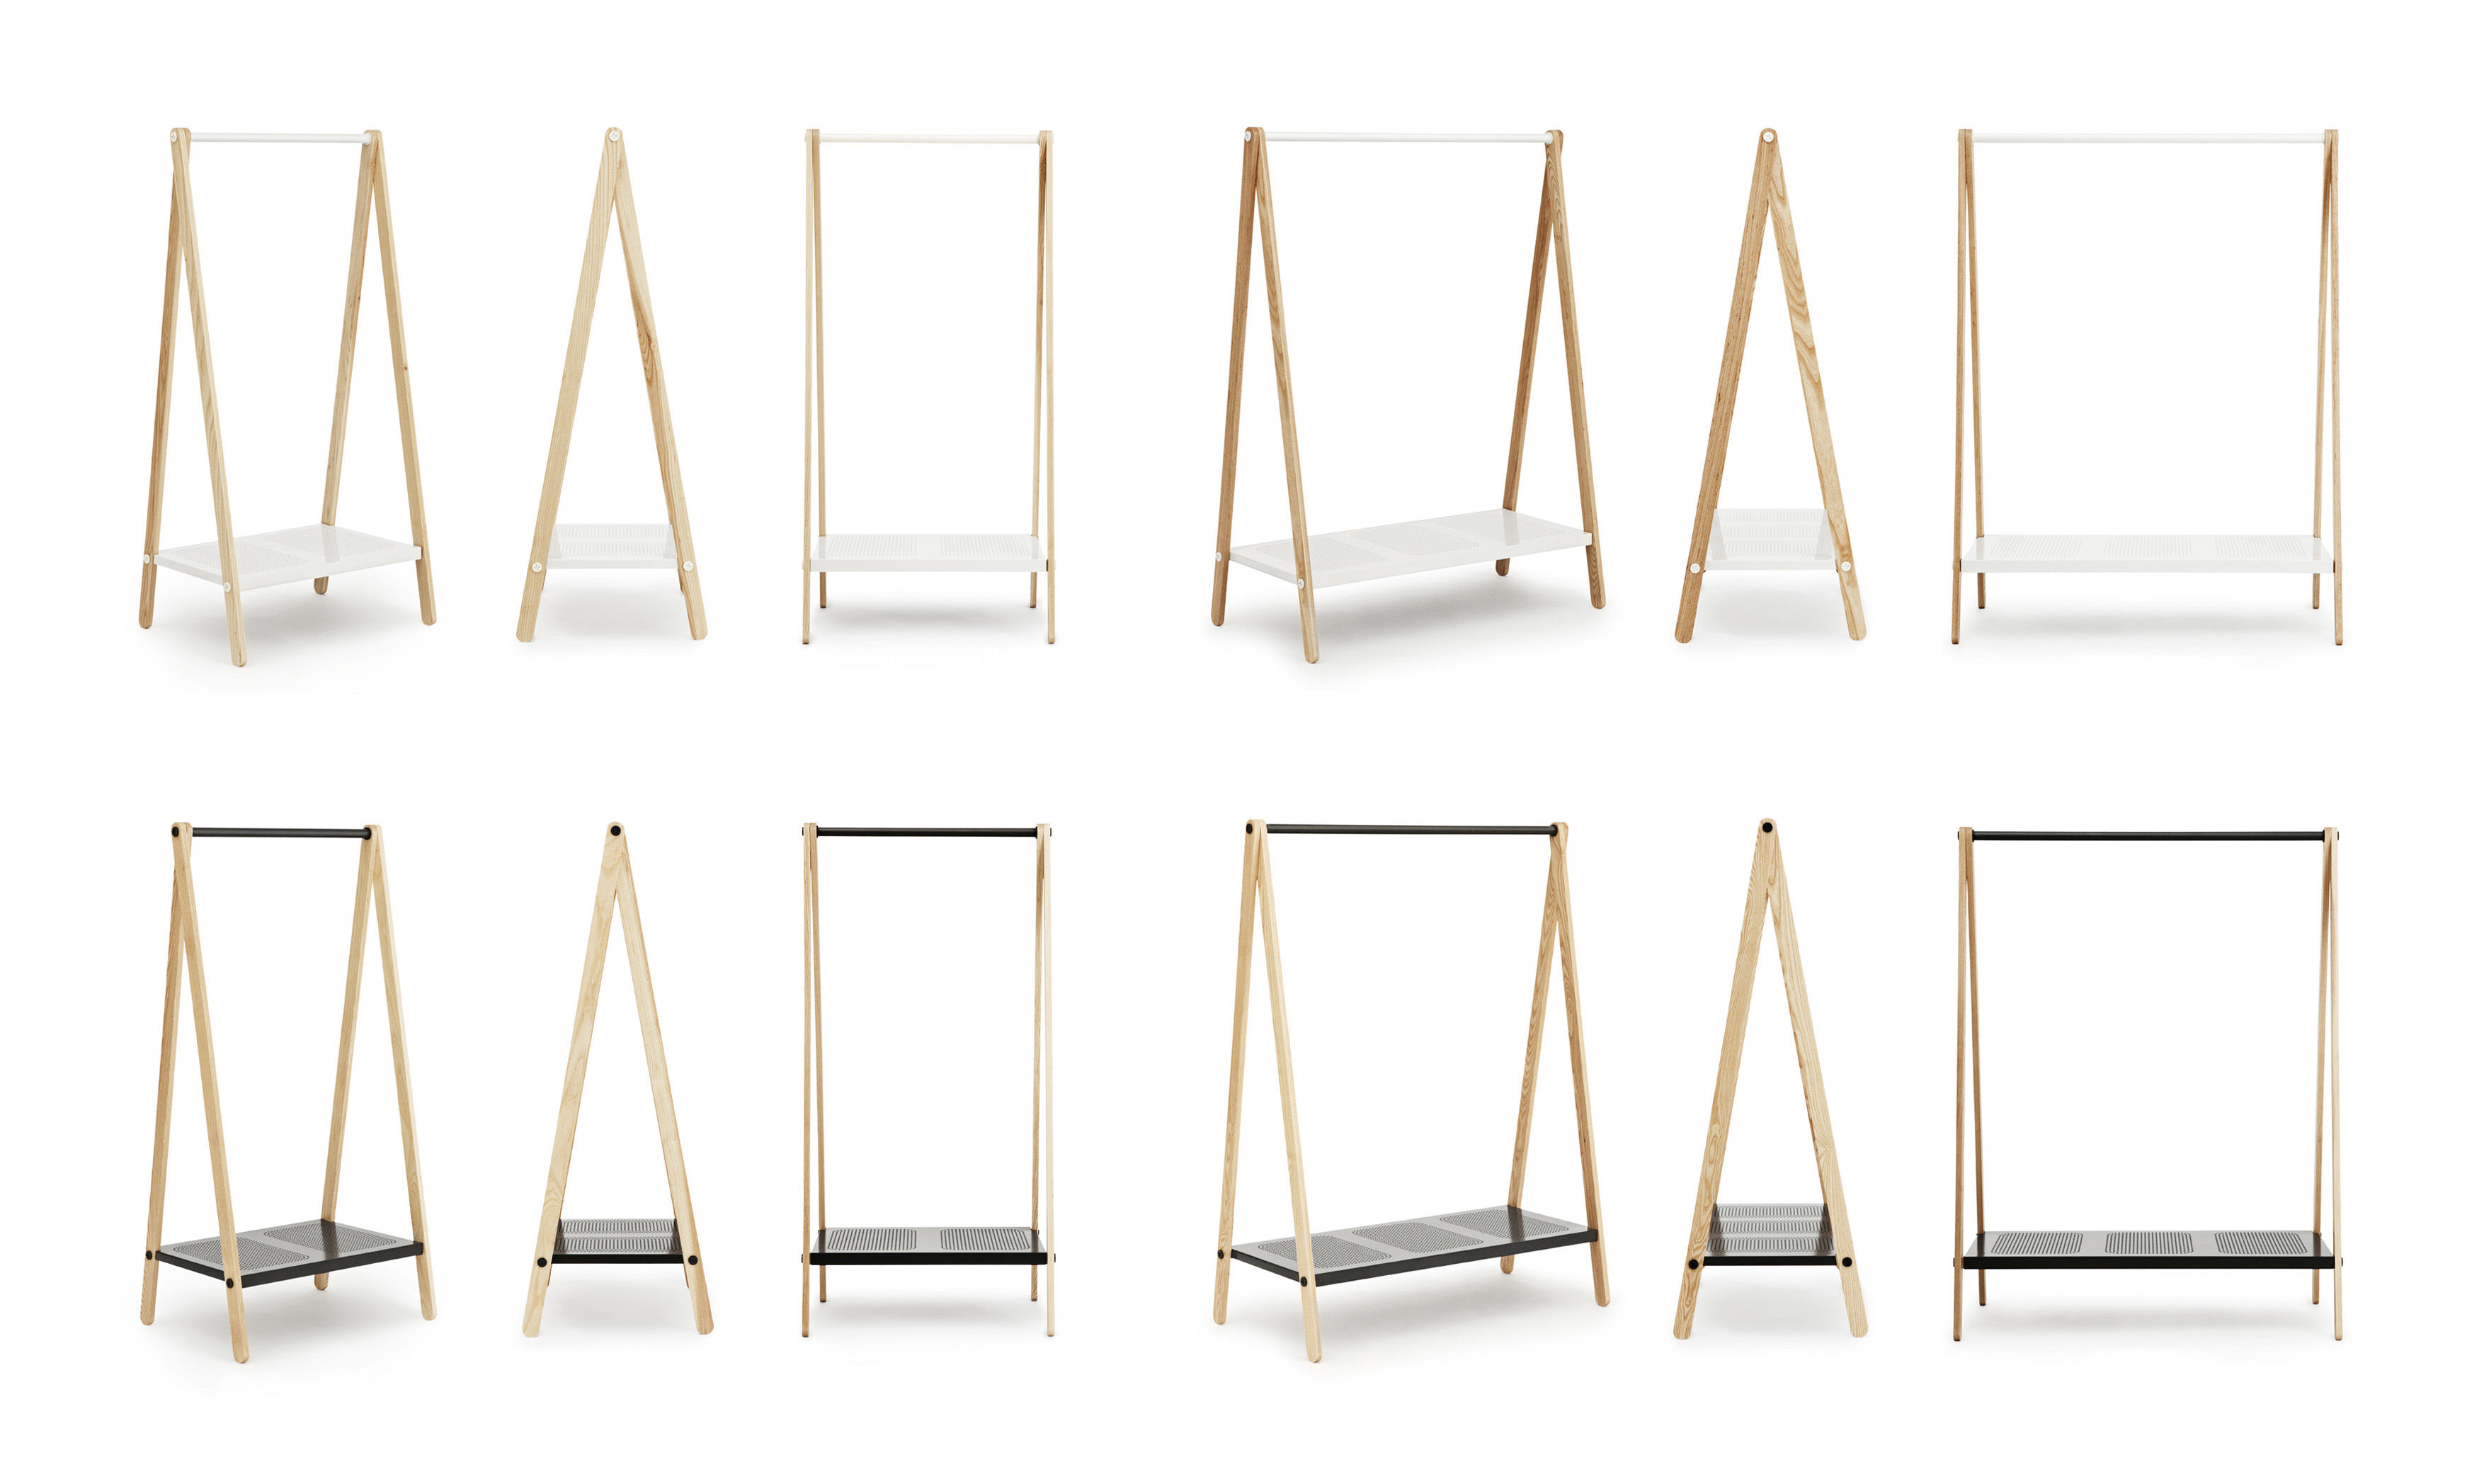 portant toj petit mod le larg 74 cm gris normann copenhagen. Black Bedroom Furniture Sets. Home Design Ideas